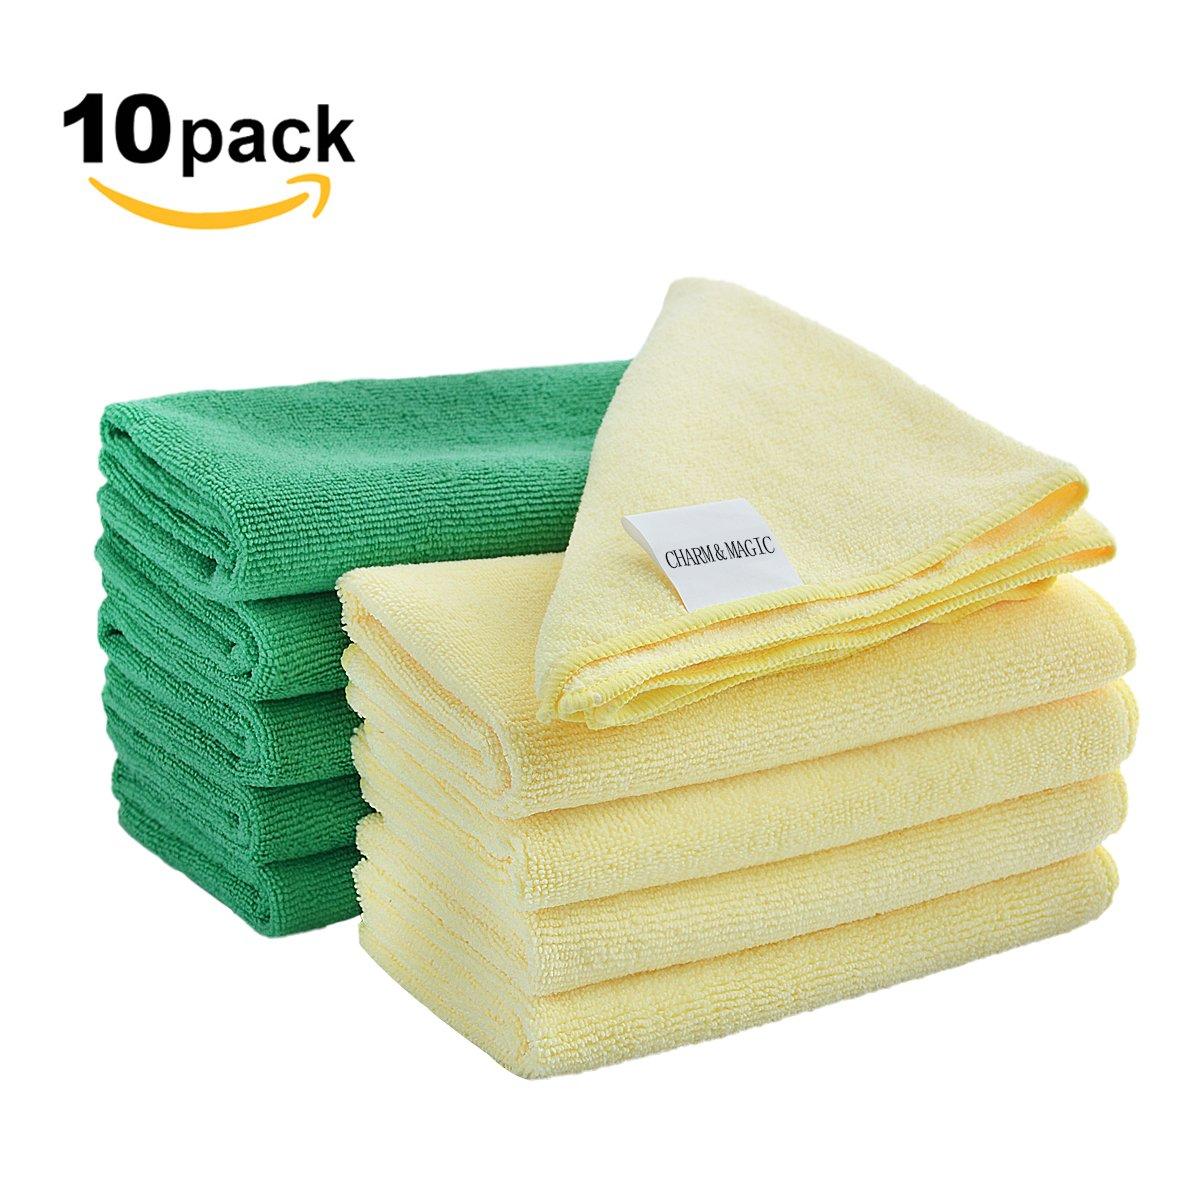 Paño de limpieza grande de microfibra Charm & Magic para todas las superficies, paquete de 10 unidades, color Green + Yellow: Amazon.es: Oficina y papelería